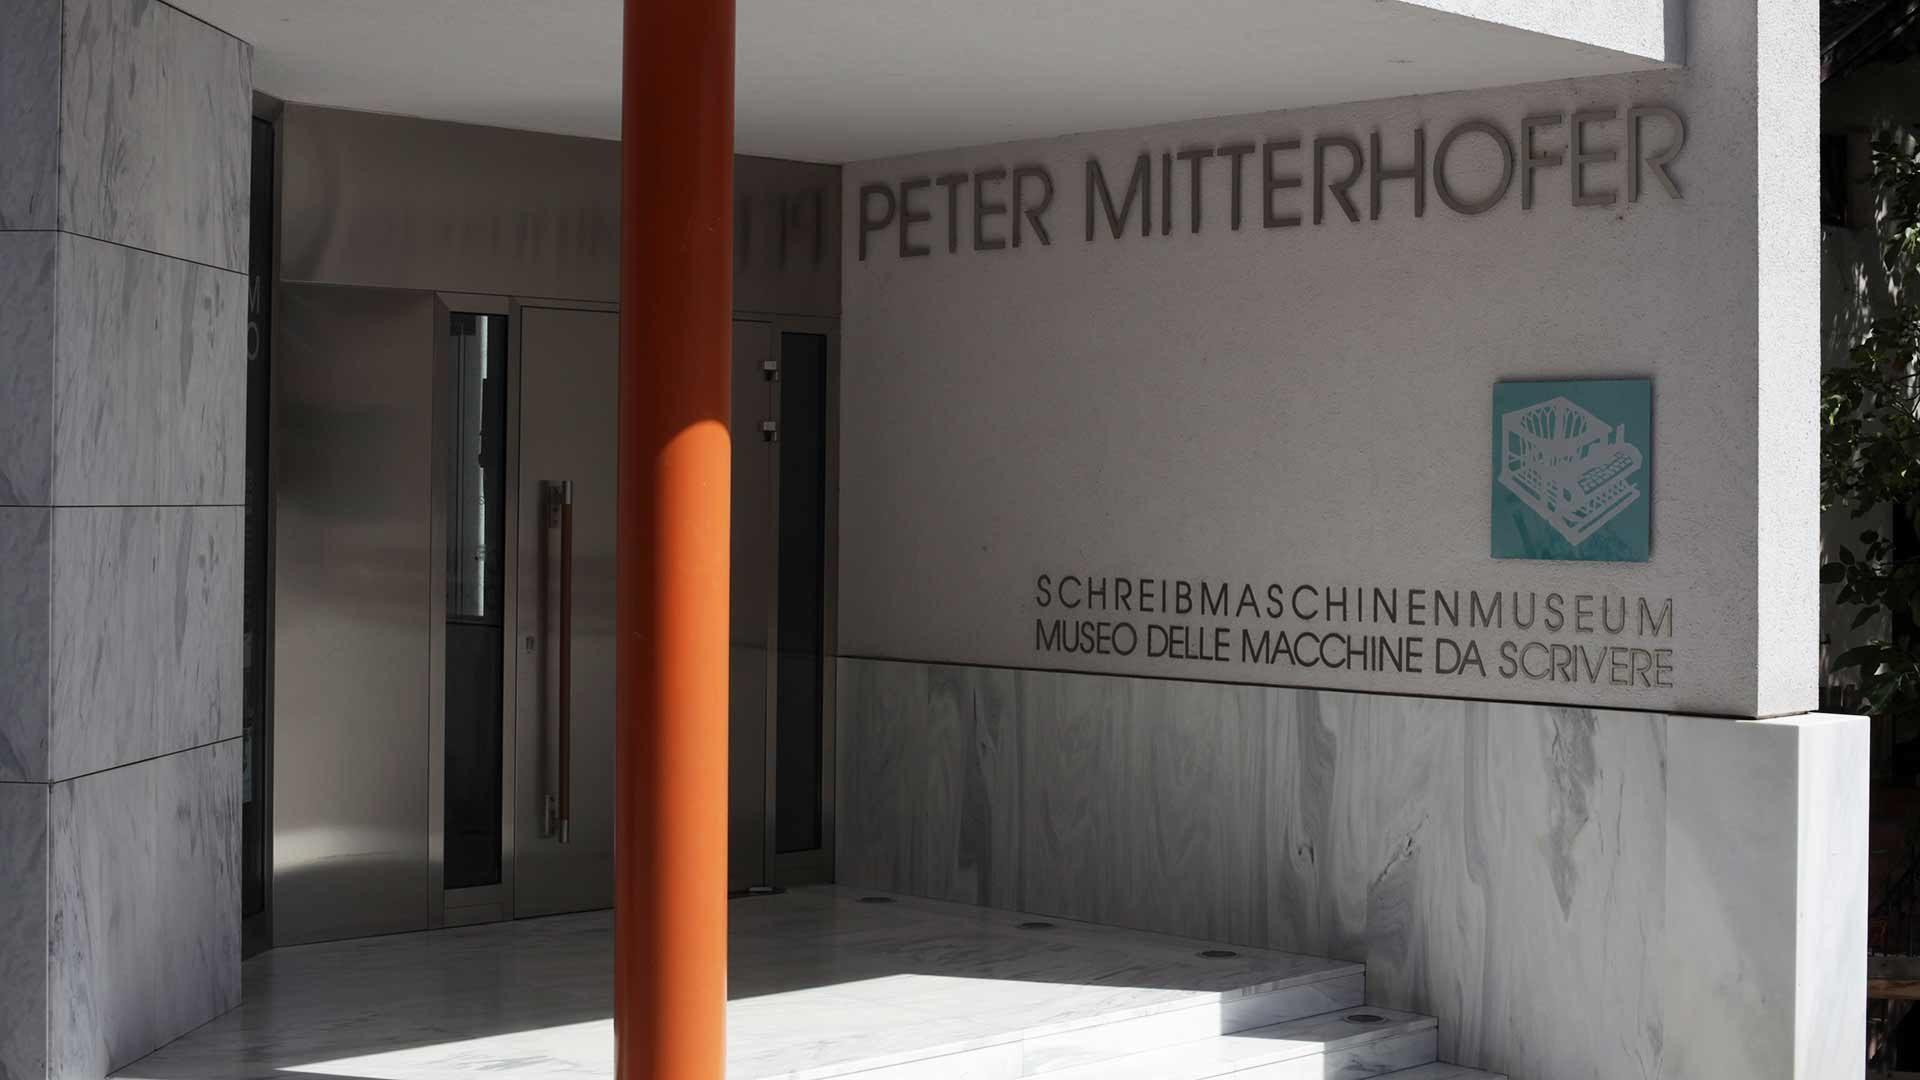 Museo della macchina da scrivere Peter Mitterhofer a Parcines